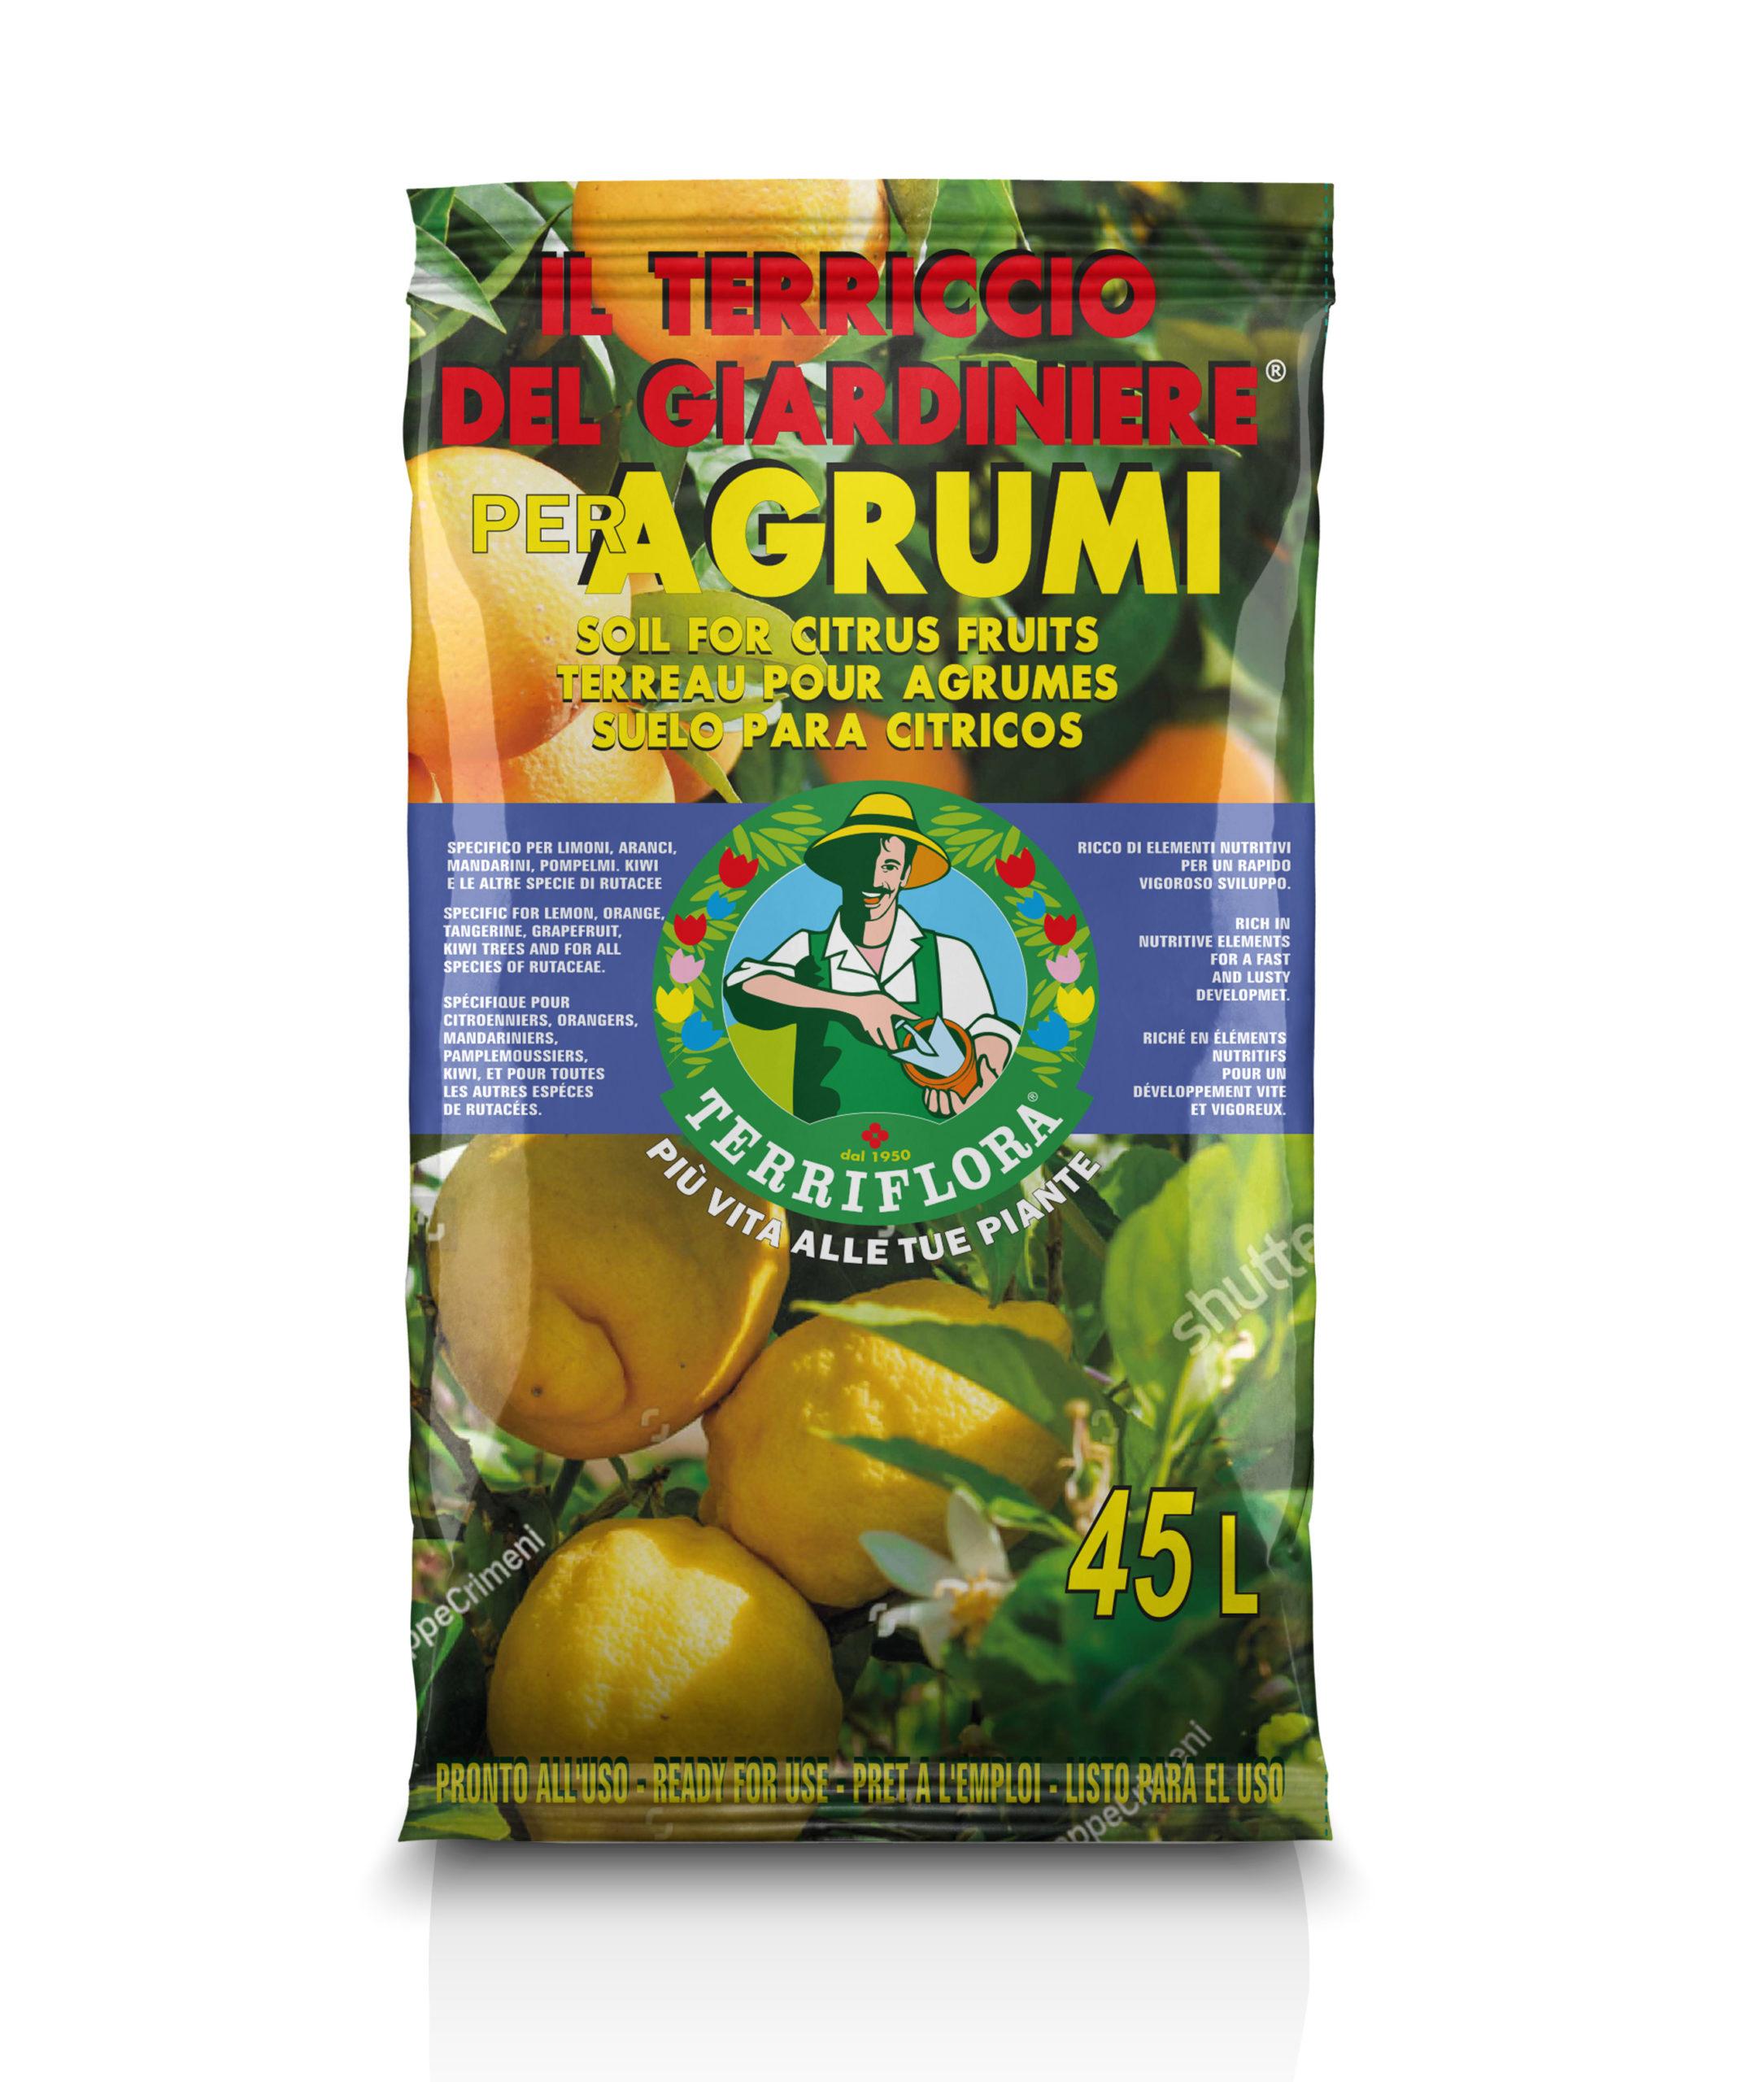 Terriccio specifico per Agrumi